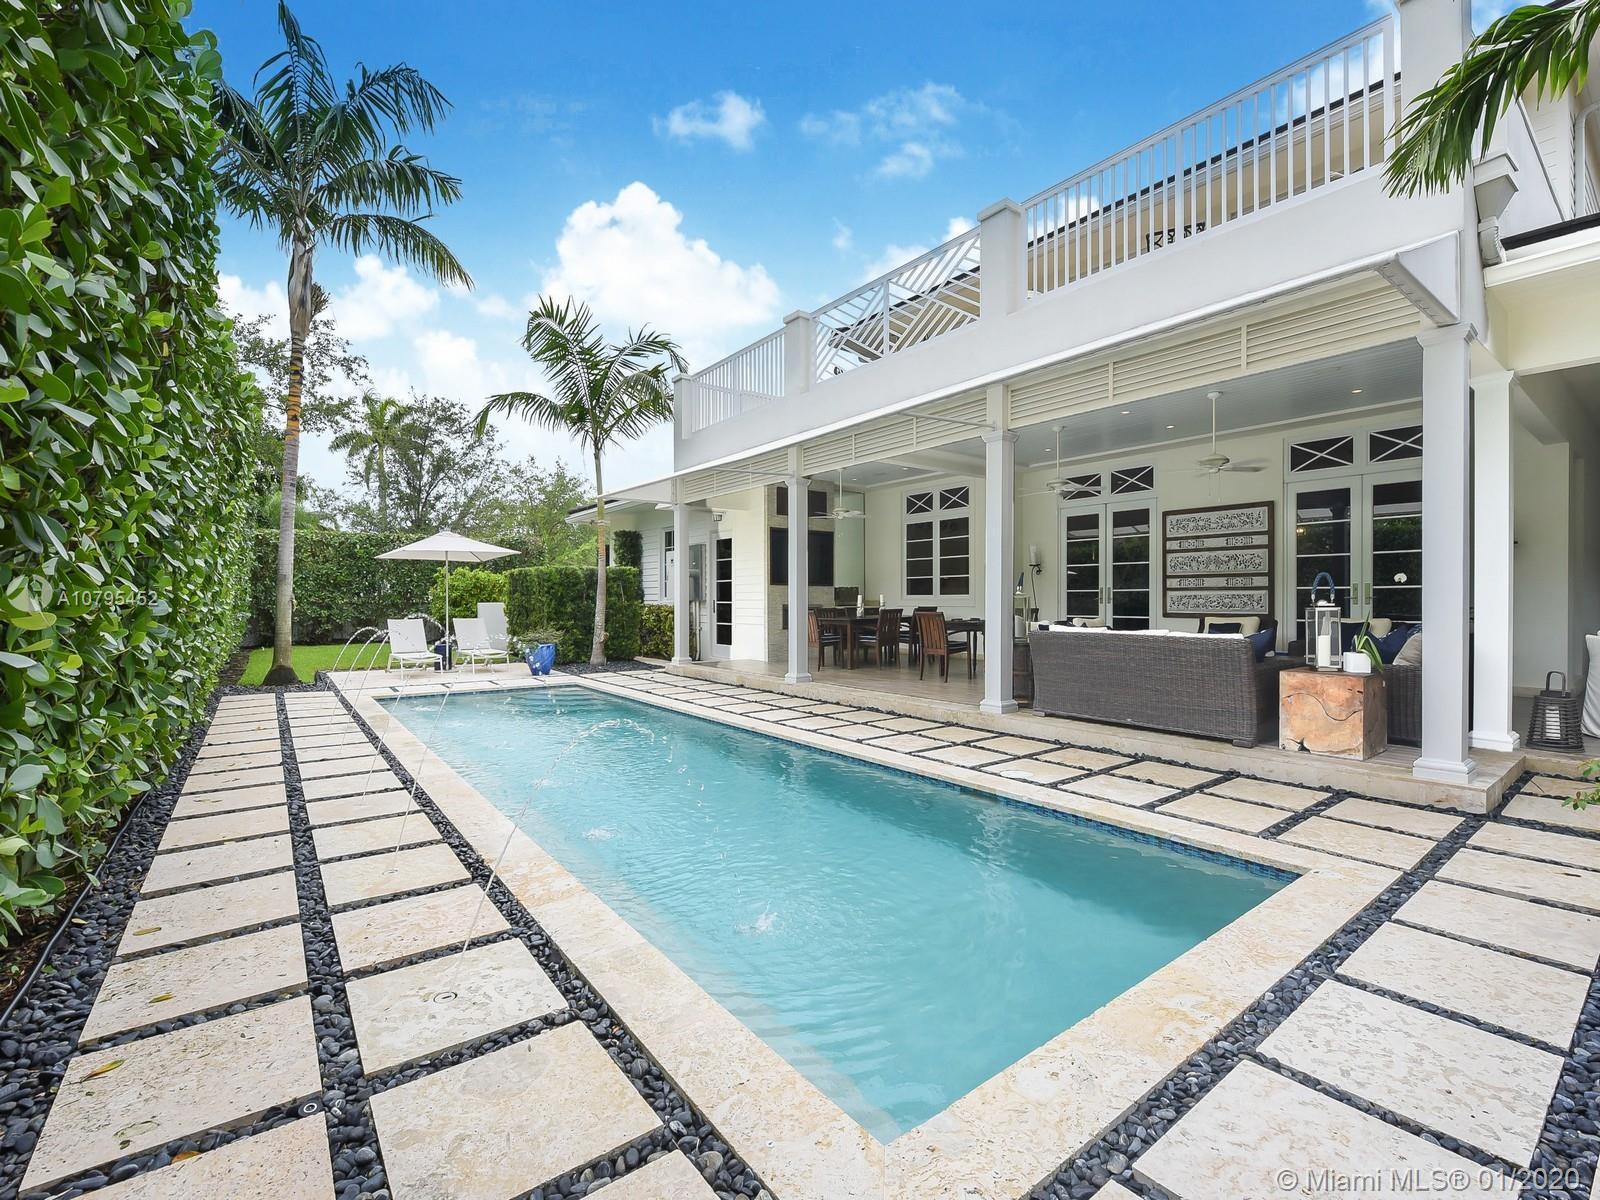 450 Miller Rd, Coral Gables, FL 33146